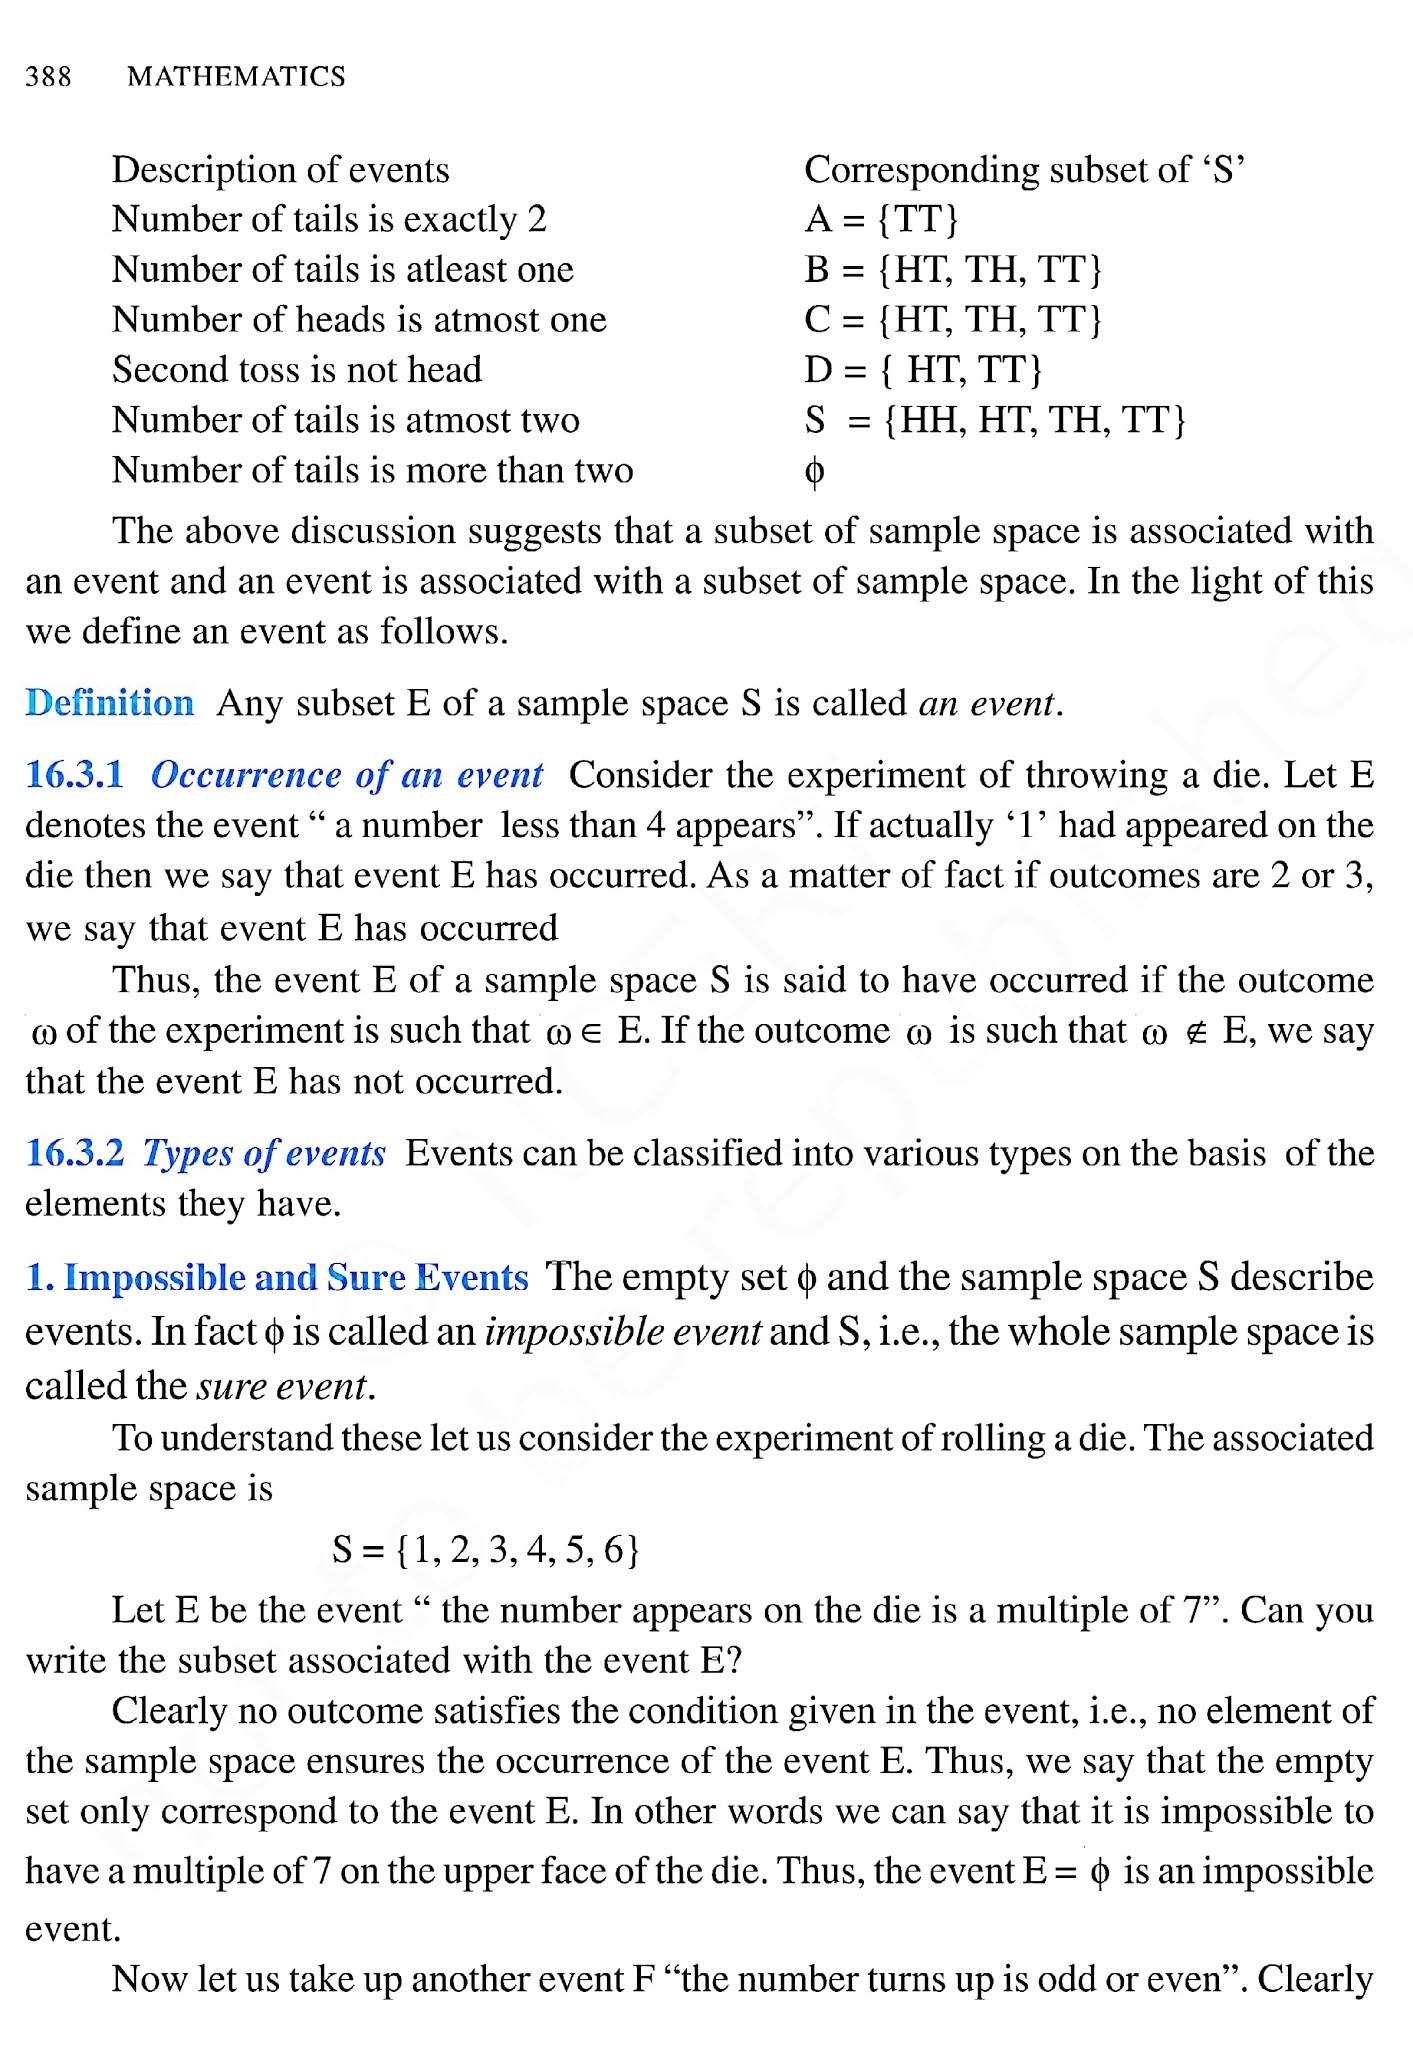 Class 11 Maths Chapter 16 Text Book - English Medium,  11th Maths book in hindi,11th Maths notes in hindi,cbse books for class  11,cbse books in hindi,cbse ncert books,class  11  Maths notes in hindi,class  11 hindi ncert solutions, Maths 2020, Maths 2021, Maths 2022, Maths book class  11, Maths book in hindi, Maths class  11 in hindi, Maths notes for class  11 up board in hindi,ncert all books,ncert app in hindi,ncert book solution,ncert books class 10,ncert books class  11,ncert books for class 7,ncert books for upsc in hindi,ncert books in hindi class 10,ncert books in hindi for class  11  Maths,ncert books in hindi for class 6,ncert books in hindi pdf,ncert class  11 hindi book,ncert english book,ncert  Maths book in hindi,ncert  Maths books in hindi pdf,ncert  Maths class  11,ncert in hindi,old ncert books in hindi,online ncert books in hindi,up board  11th,up board  11th syllabus,up board class 10 hindi book,up board class  11 books,up board class  11 new syllabus,up Board  Maths 2020,up Board  Maths 2021,up Board  Maths 2022,up Board  Maths 2023,up board intermediate  Maths syllabus,up board intermediate syllabus 2021,Up board Master 2021,up board model paper 2021,up board model paper all subject,up board new syllabus of class 11th Maths,up board paper 2021,Up board syllabus 2021,UP board syllabus 2022,   11 वीं मैथ्स पुस्तक हिंदी में,  11 वीं मैथ्स नोट्स हिंदी में, कक्षा  11 के लिए सीबीएससी पुस्तकें, हिंदी में सीबीएससी पुस्तकें, सीबीएससी  पुस्तकें, कक्षा  11 मैथ्स नोट्स हिंदी में, कक्षा  11 हिंदी एनसीईआरटी समाधान, मैथ्स 2020, मैथ्स 2021, मैथ्स 2022, मैथ्स  बुक क्लास  11, मैथ्स बुक इन हिंदी, बायोलॉजी क्लास  11 हिंदी में, मैथ्स नोट्स इन क्लास  11 यूपी  बोर्ड इन हिंदी, एनसीईआरटी मैथ्स की किताब हिंदी में,  बोर्ड  11 वीं तक,  11 वीं तक की पाठ्यक्रम, बोर्ड कक्षा 10 की हिंदी पुस्तक  , बोर्ड की कक्षा  11 की किताबें, बोर्ड की कक्षा  11 की नई पाठ्यक्रम, बोर्ड मैथ्स 2020, यूपी   बोर्ड मैथ्स 2021, यूपी  बोर्ड मैथ्स 2022, यूपी  बोर्ड मैथ्स 2023, यूपी  बोर्ड इंटरमीडिएट बा